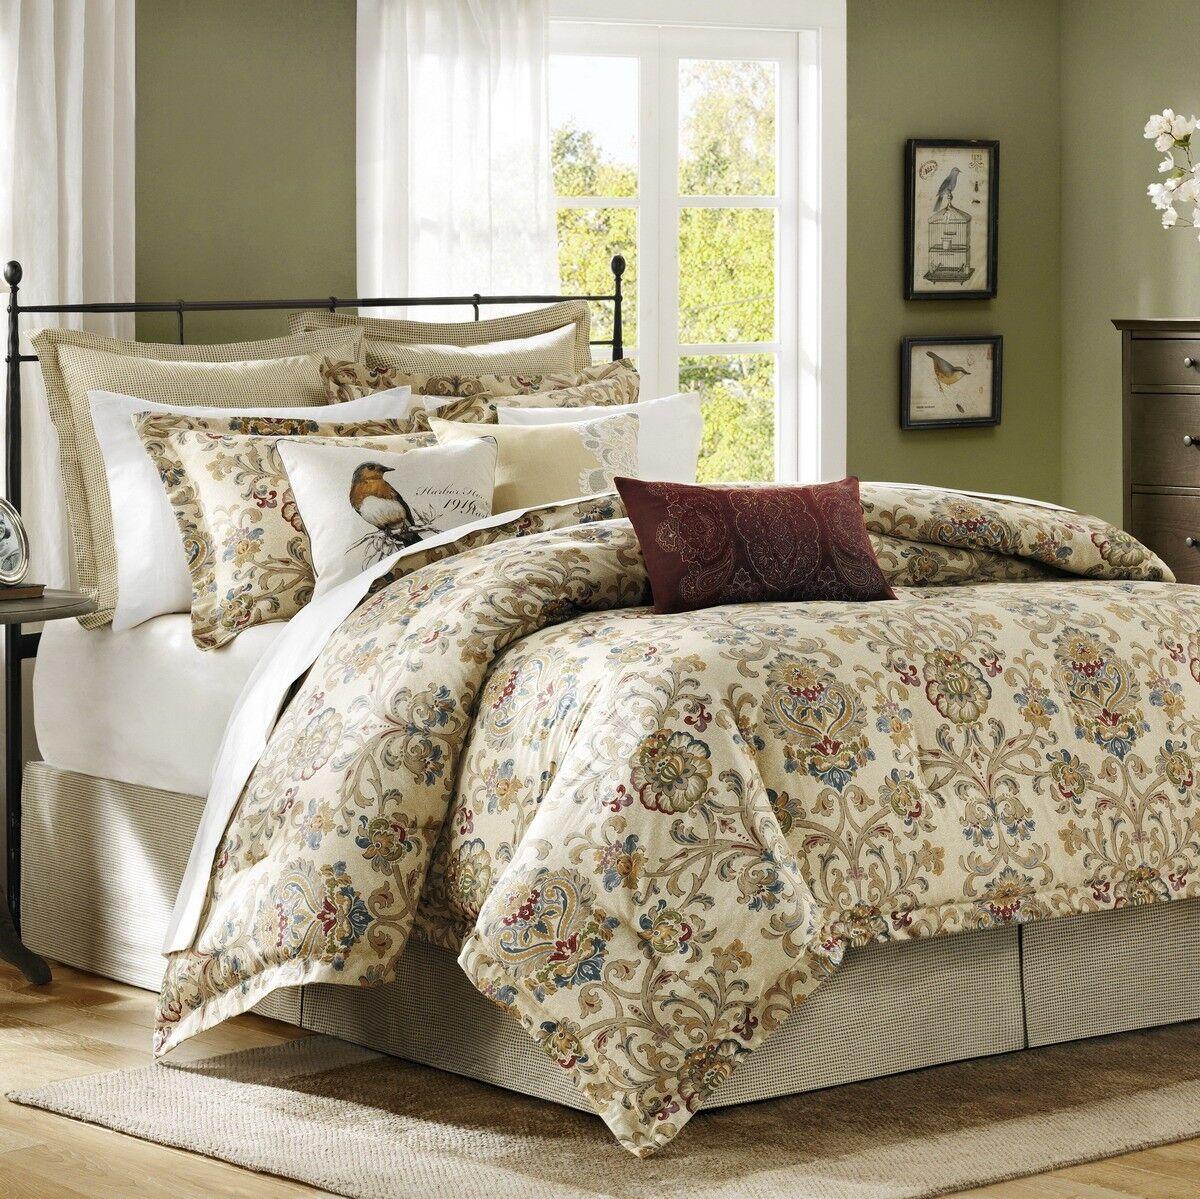 Harbor House Veronique Queen Comforter Set